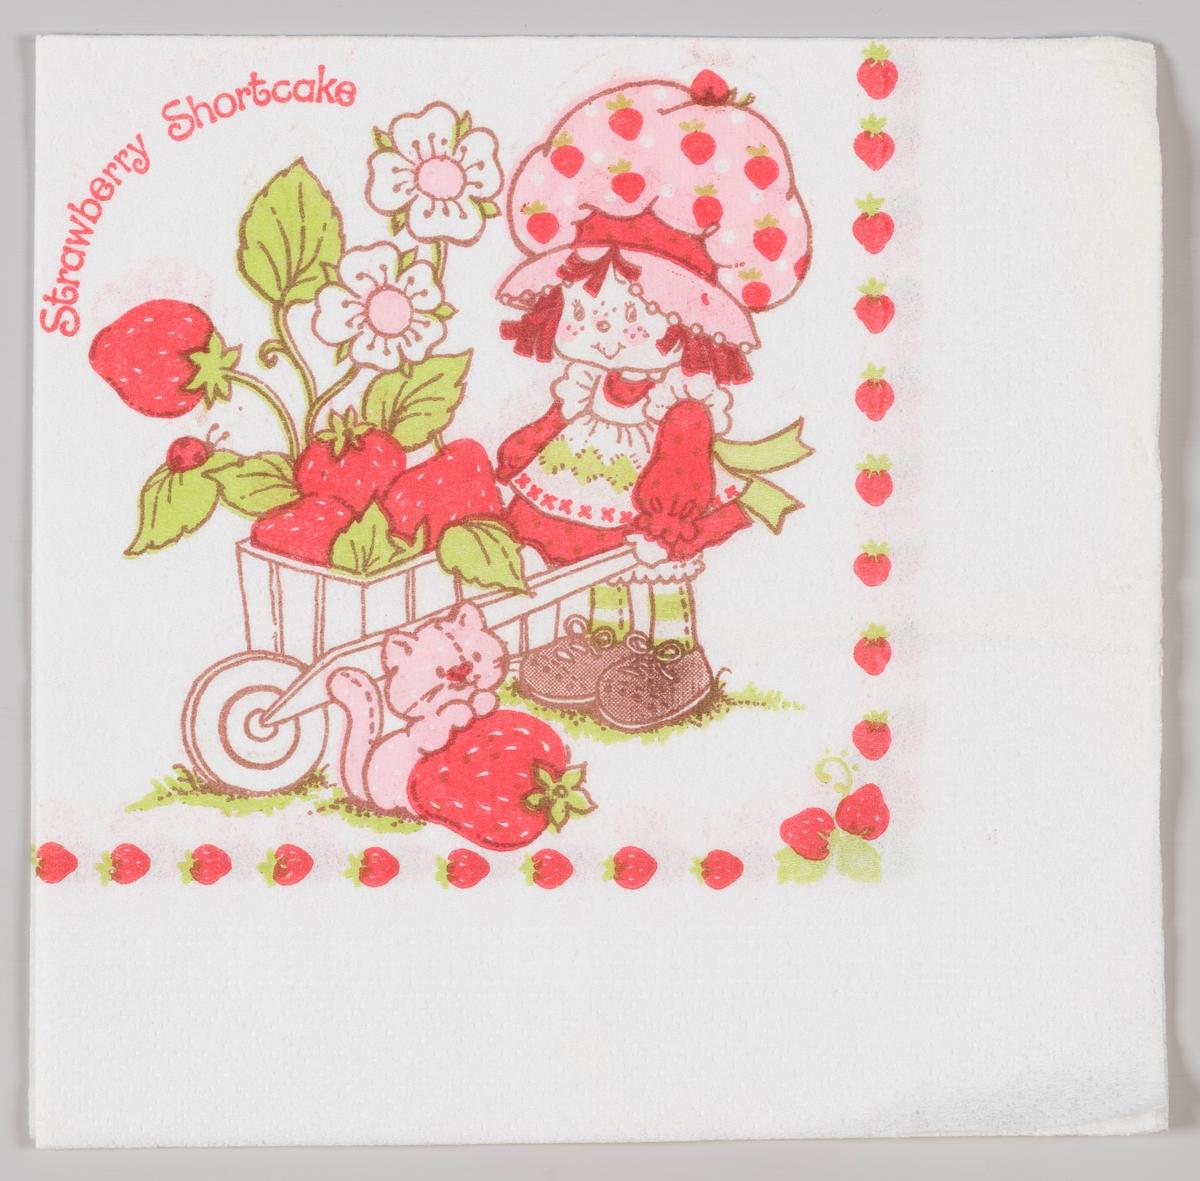 En jente med en stor jordbærhatt kjører med en trillebår med jordbær